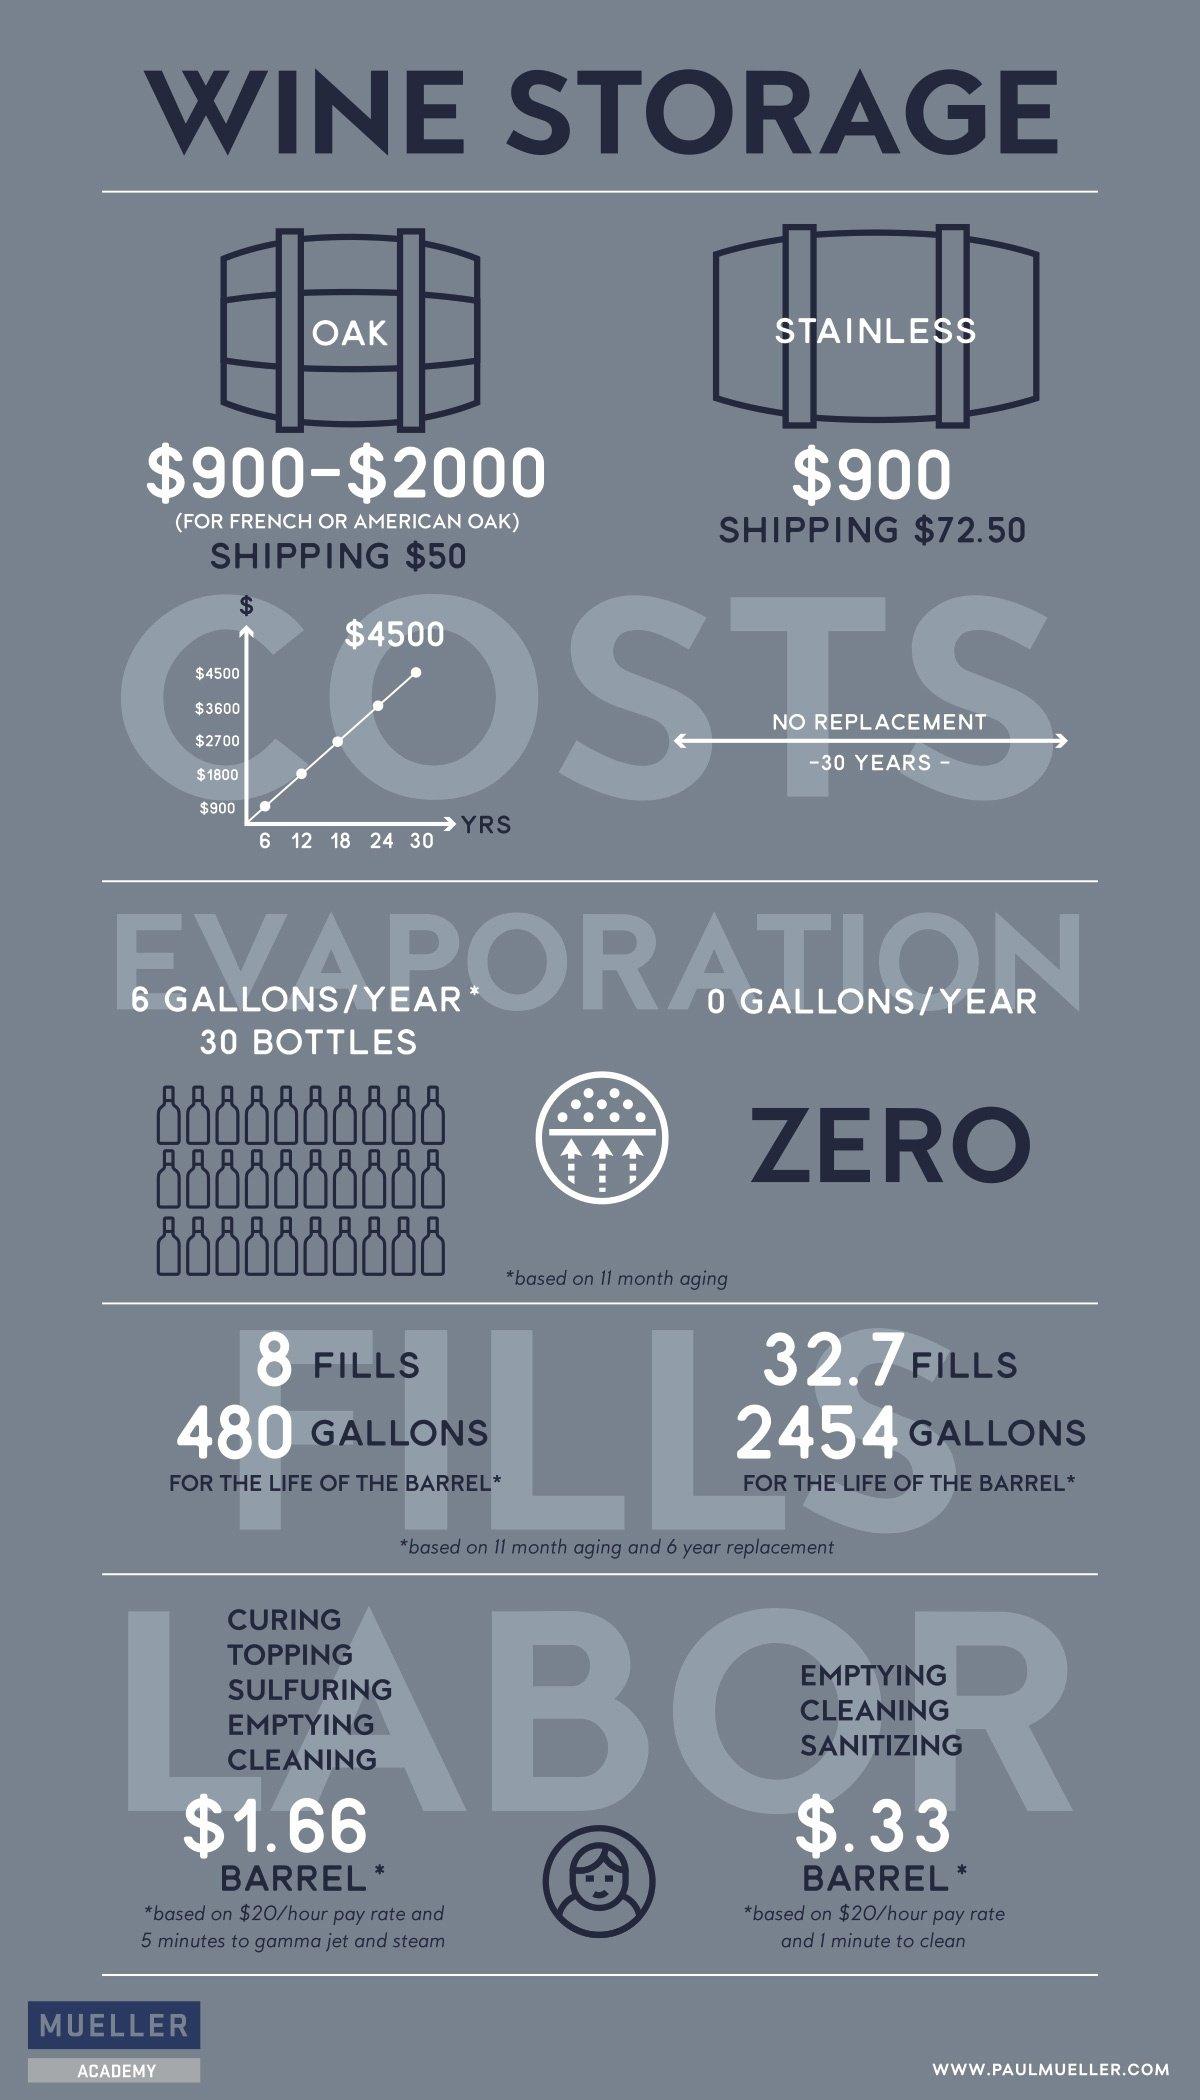 wine barrel comparison infographic